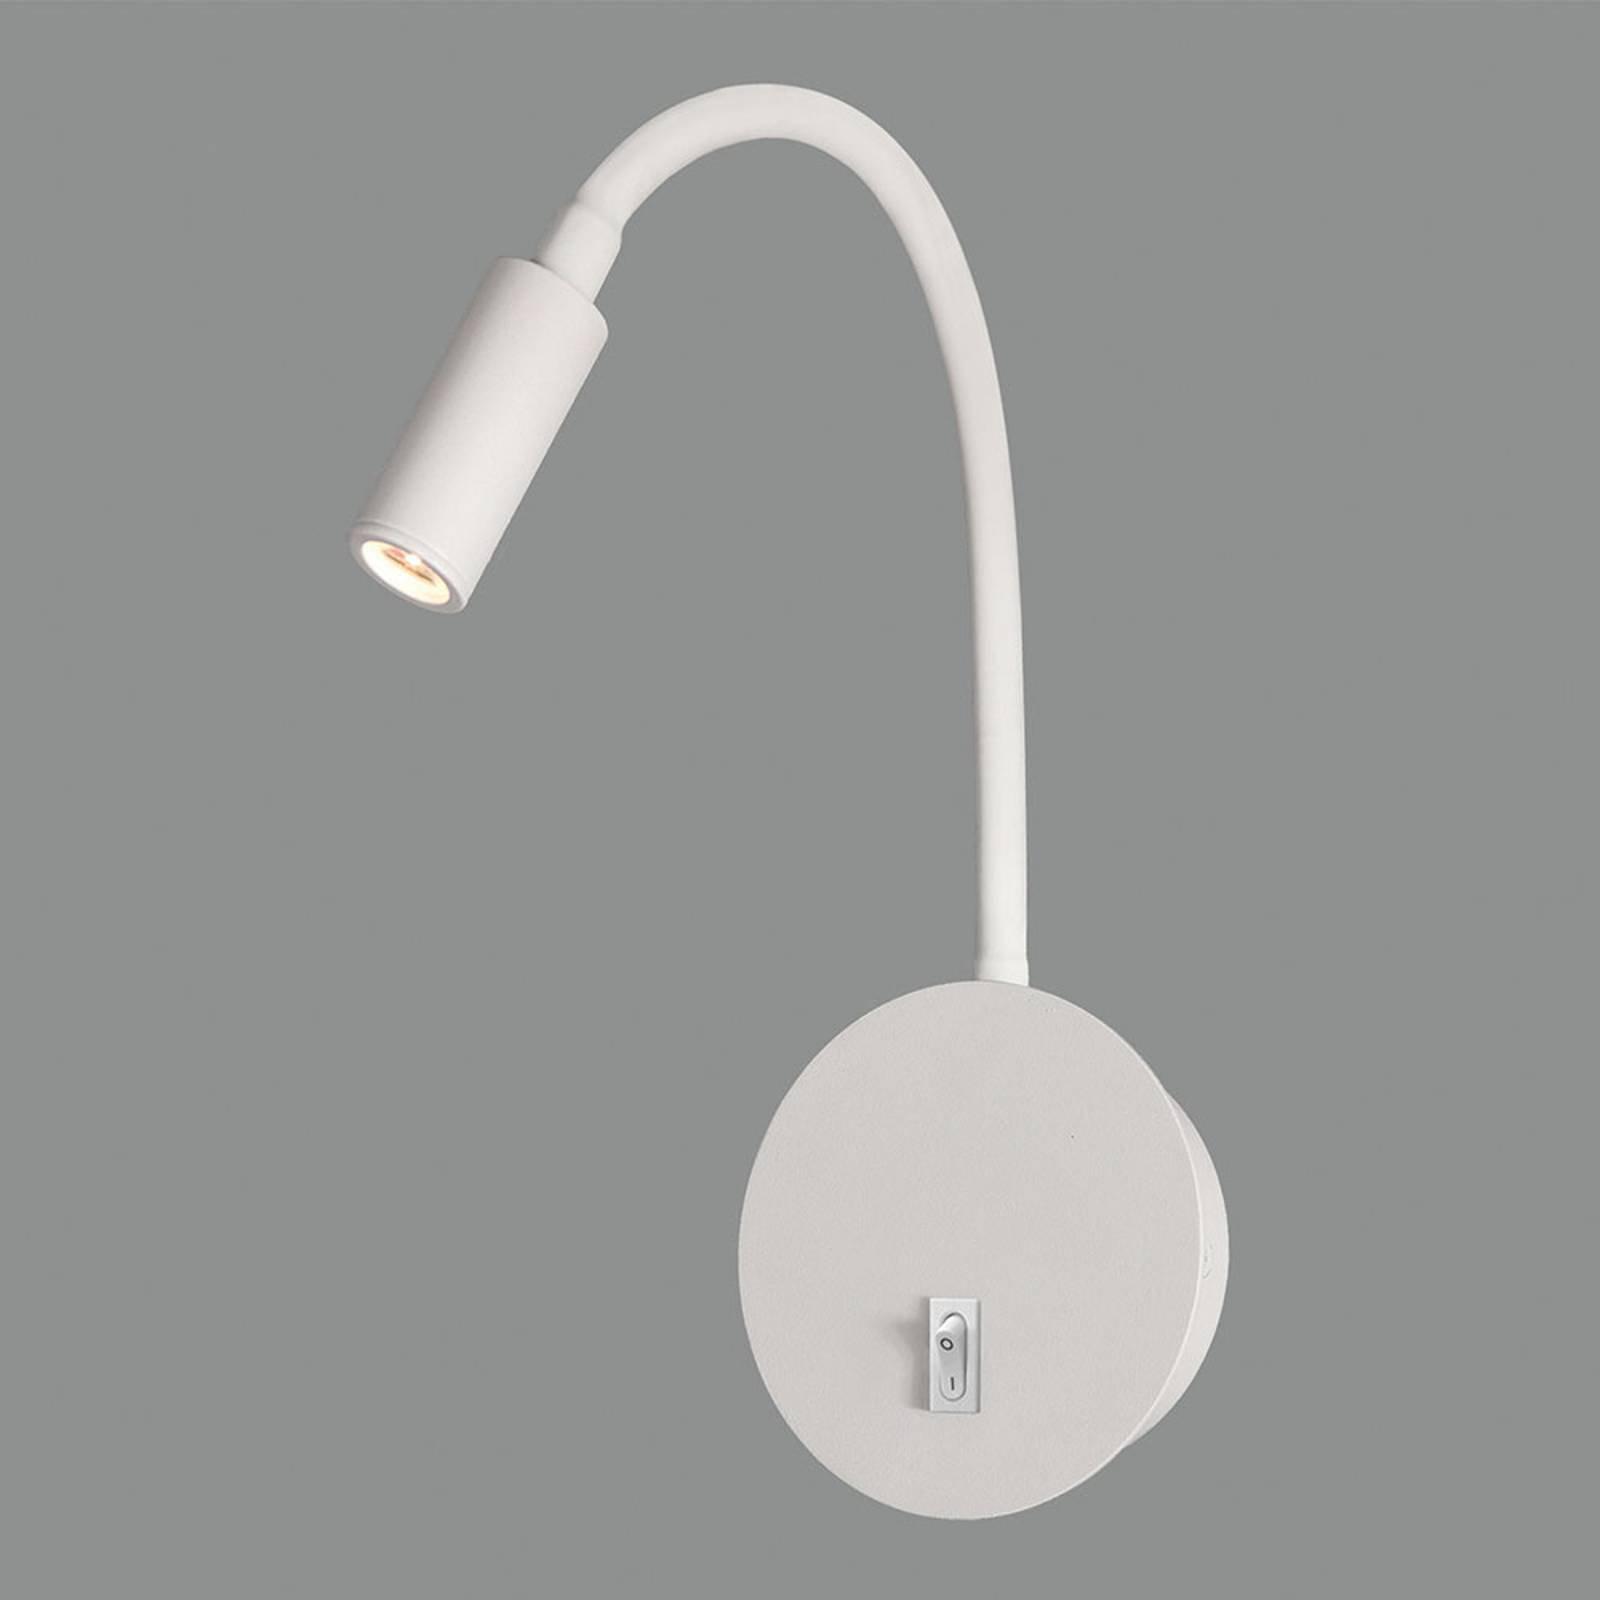 LED-vegglampe Lyon med fleksibel arm, hvit